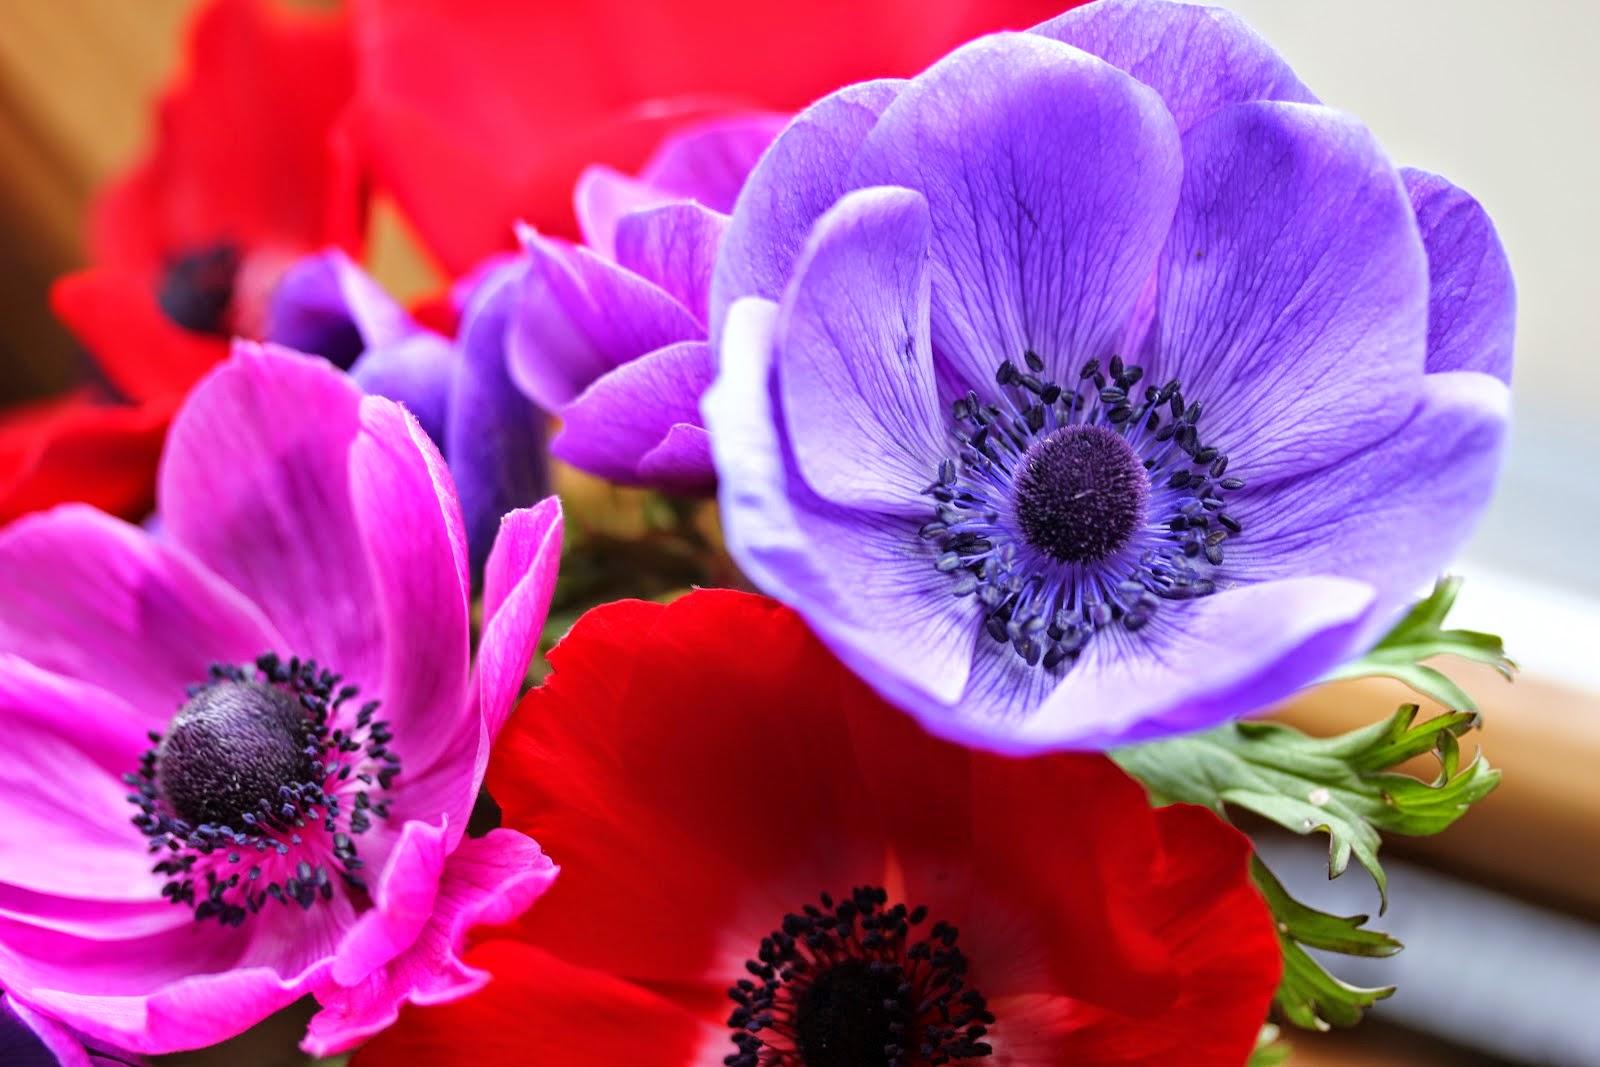 Gėle Plukė (Anemone)